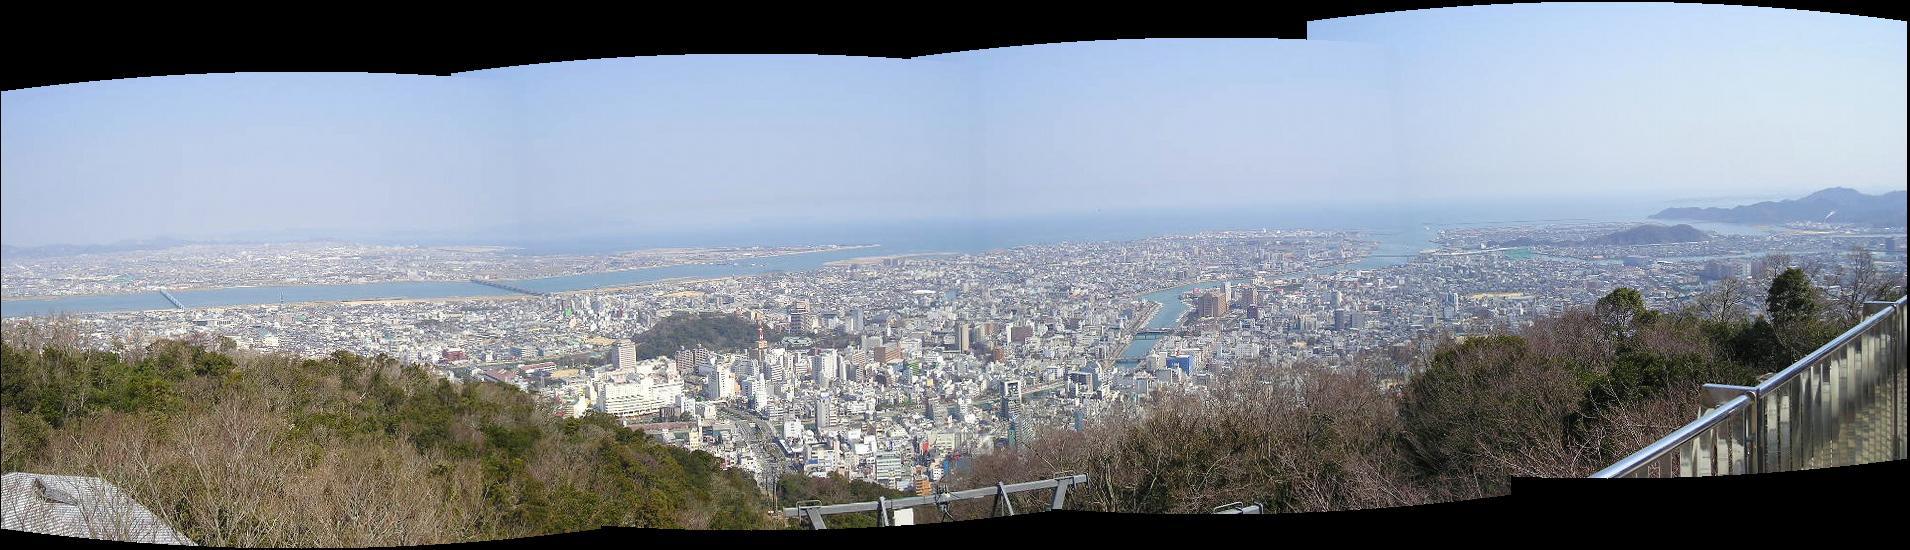 徳島市遠景パノラマ画像